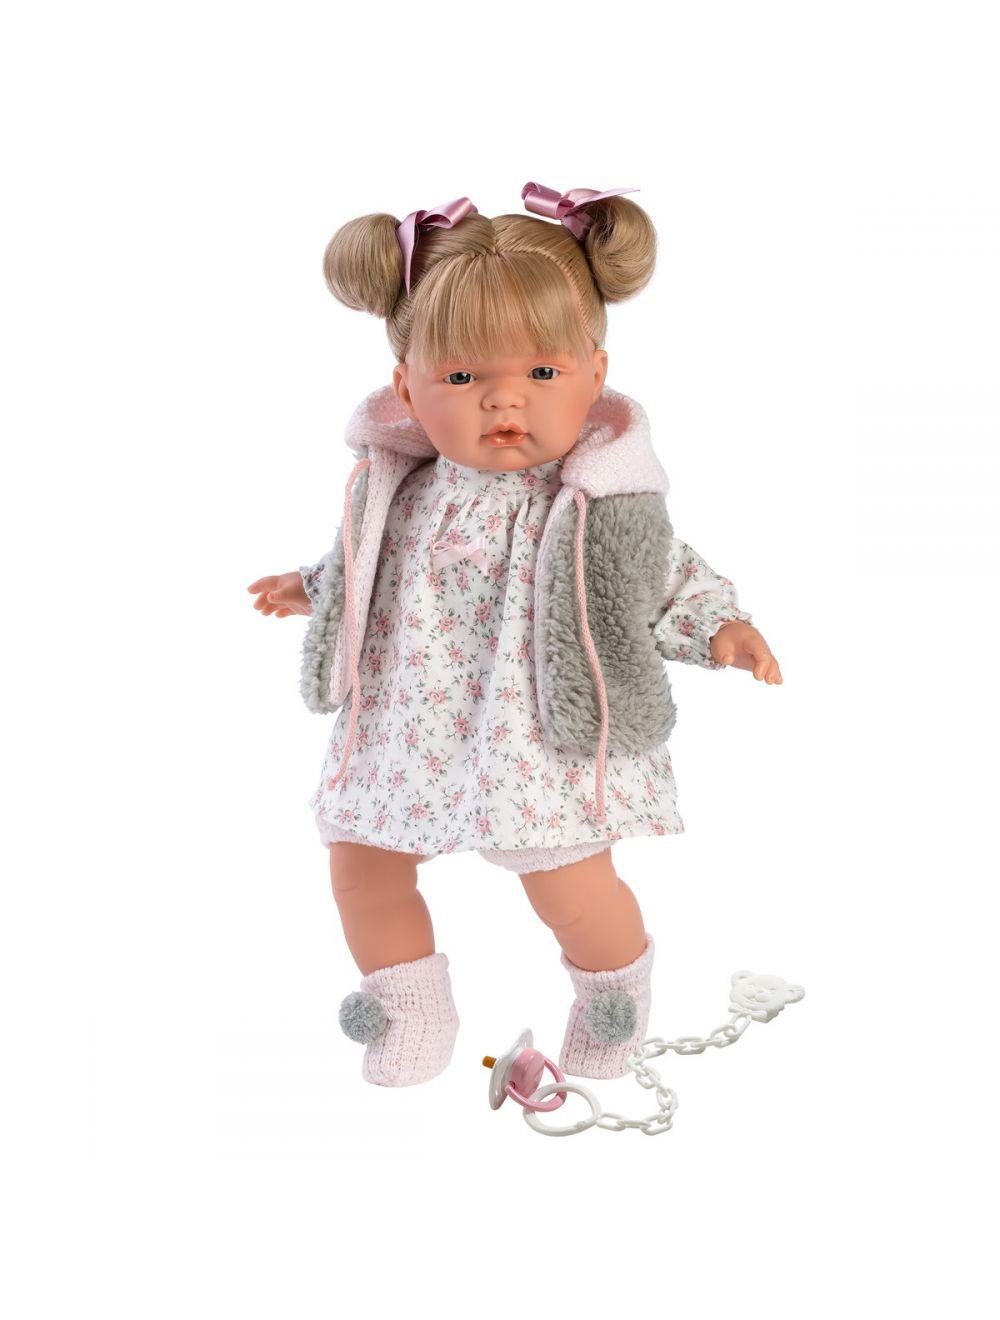 Llorens 38332 Lalka płacząca Joelle blondynka 38 cm szare futerko